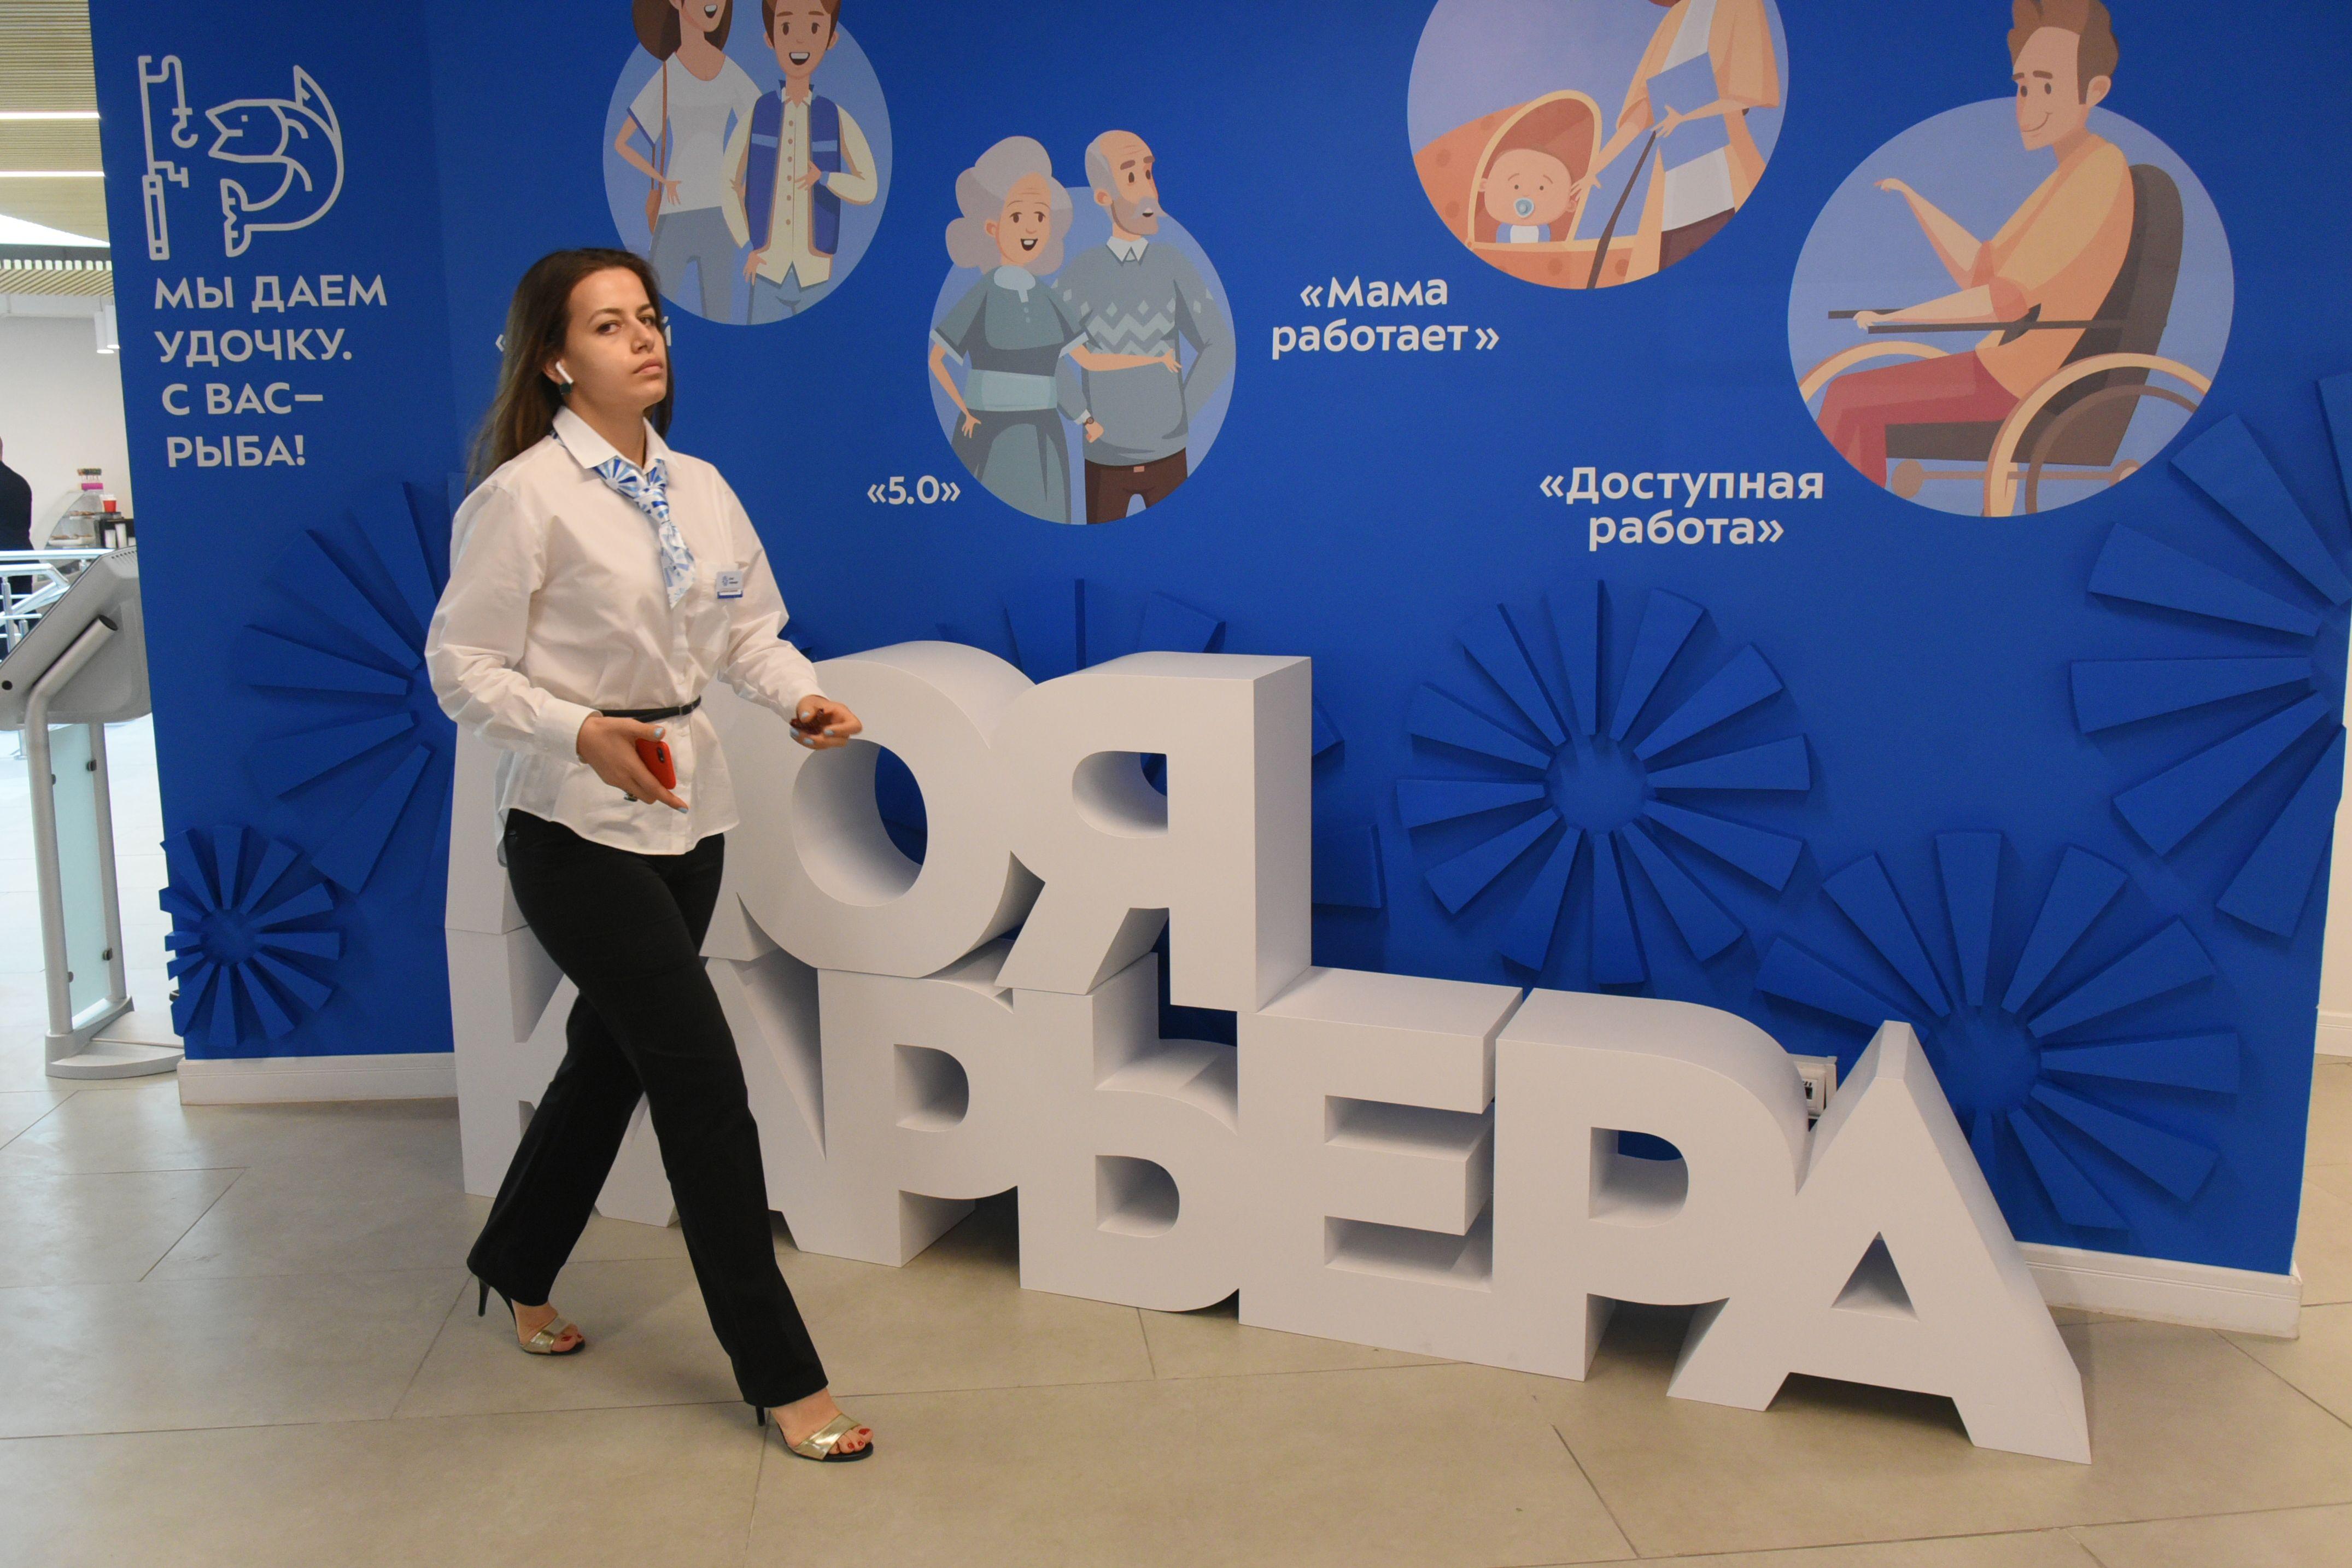 Психологи расскажут, как подготовить ребенка к 1 сентября в Москве